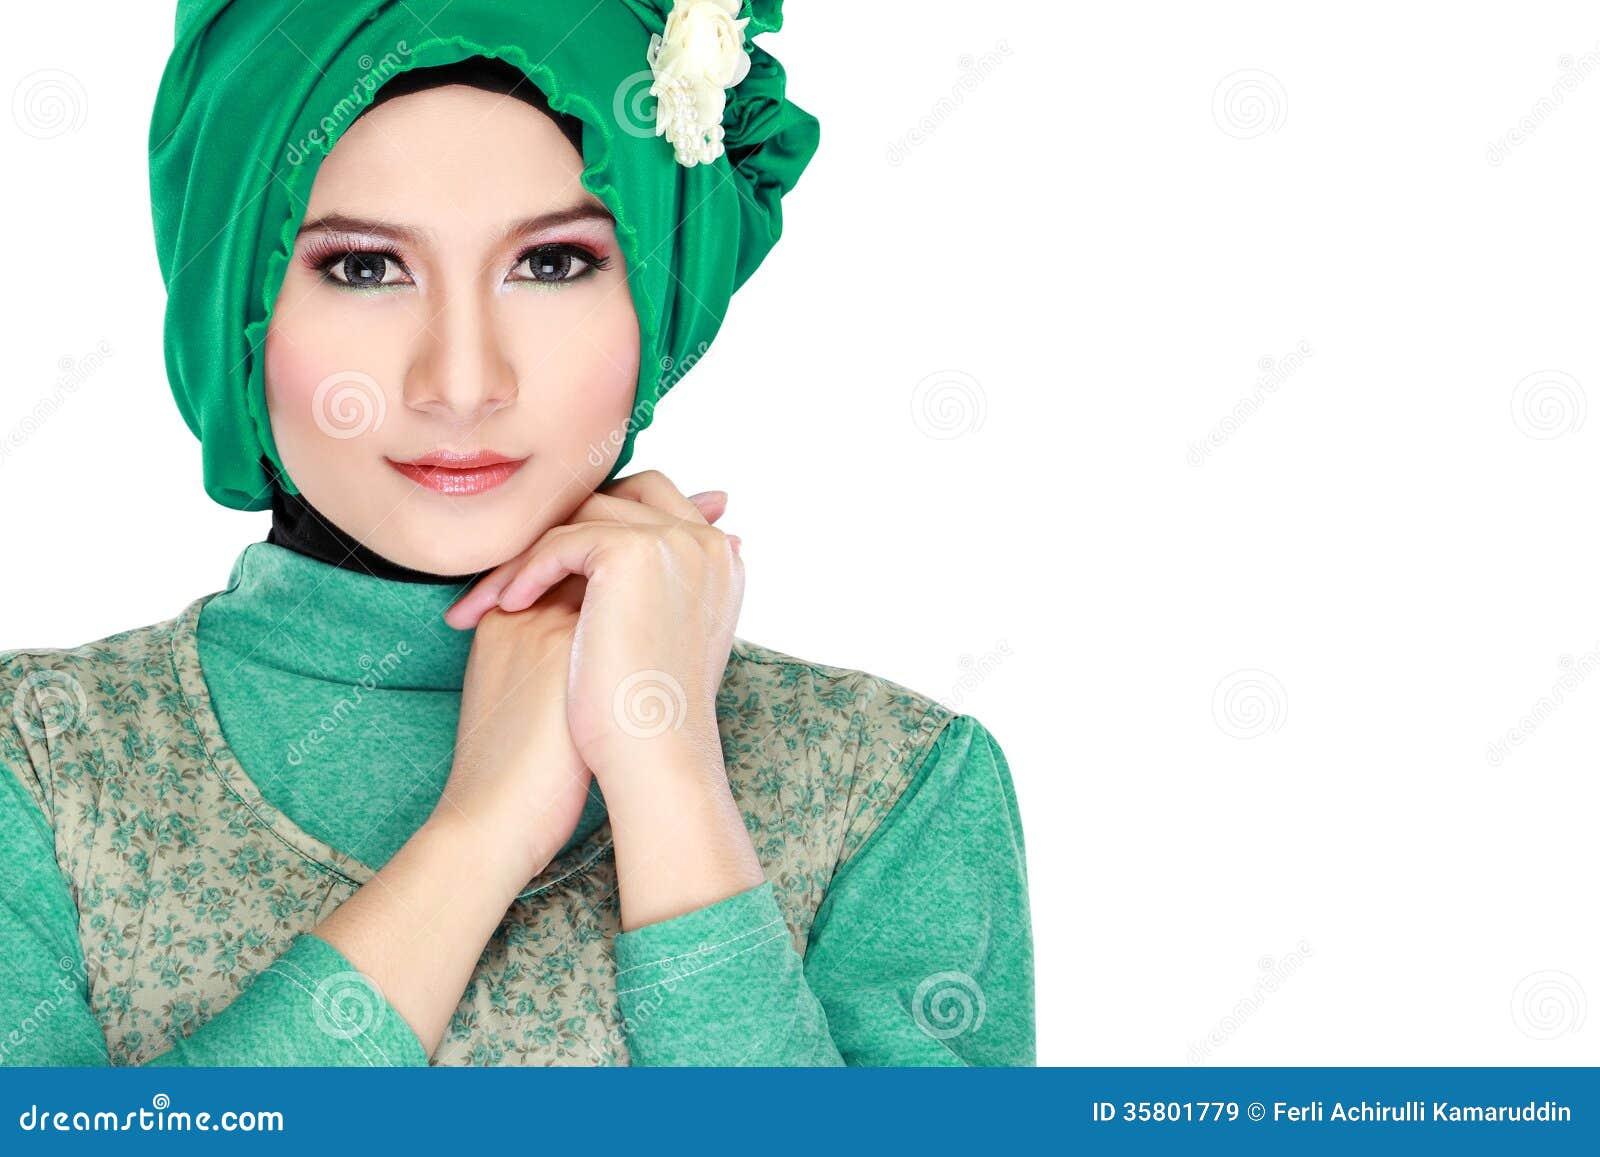 Очень красивые девушки в хиджабах фото